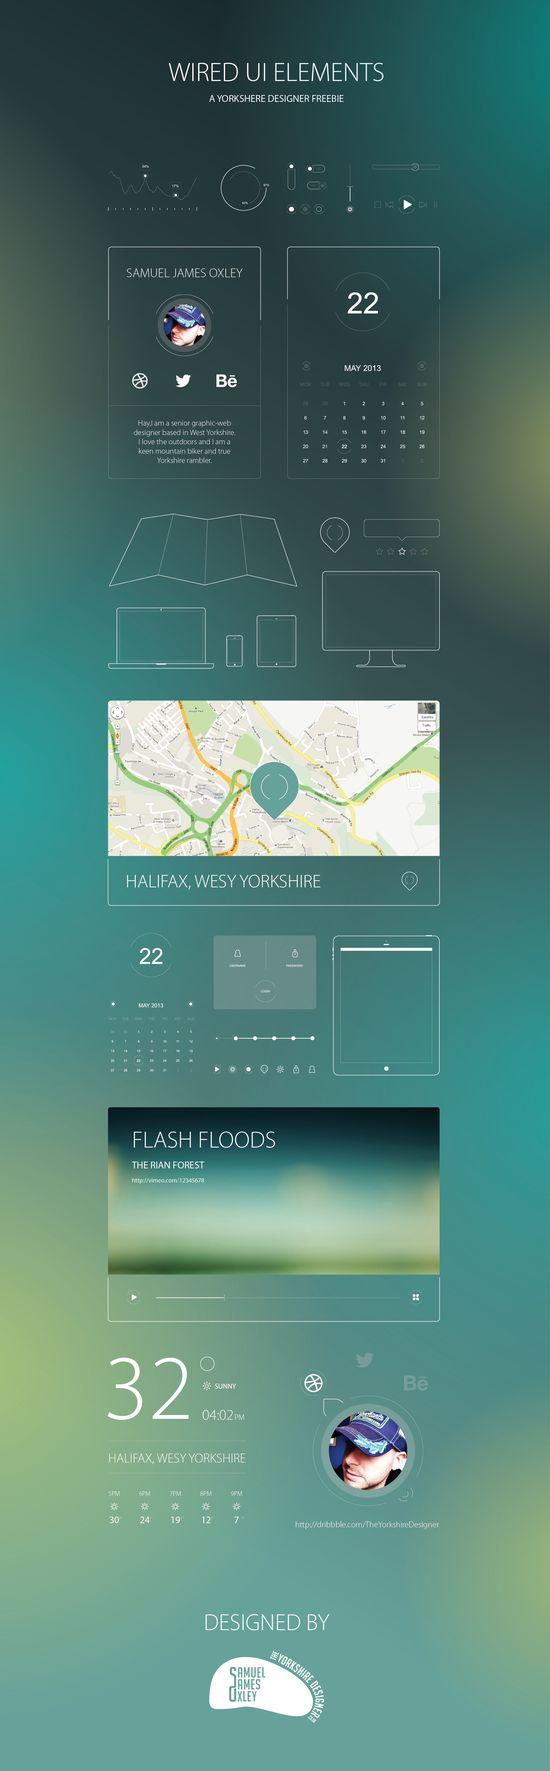 Free Wired UI Kit